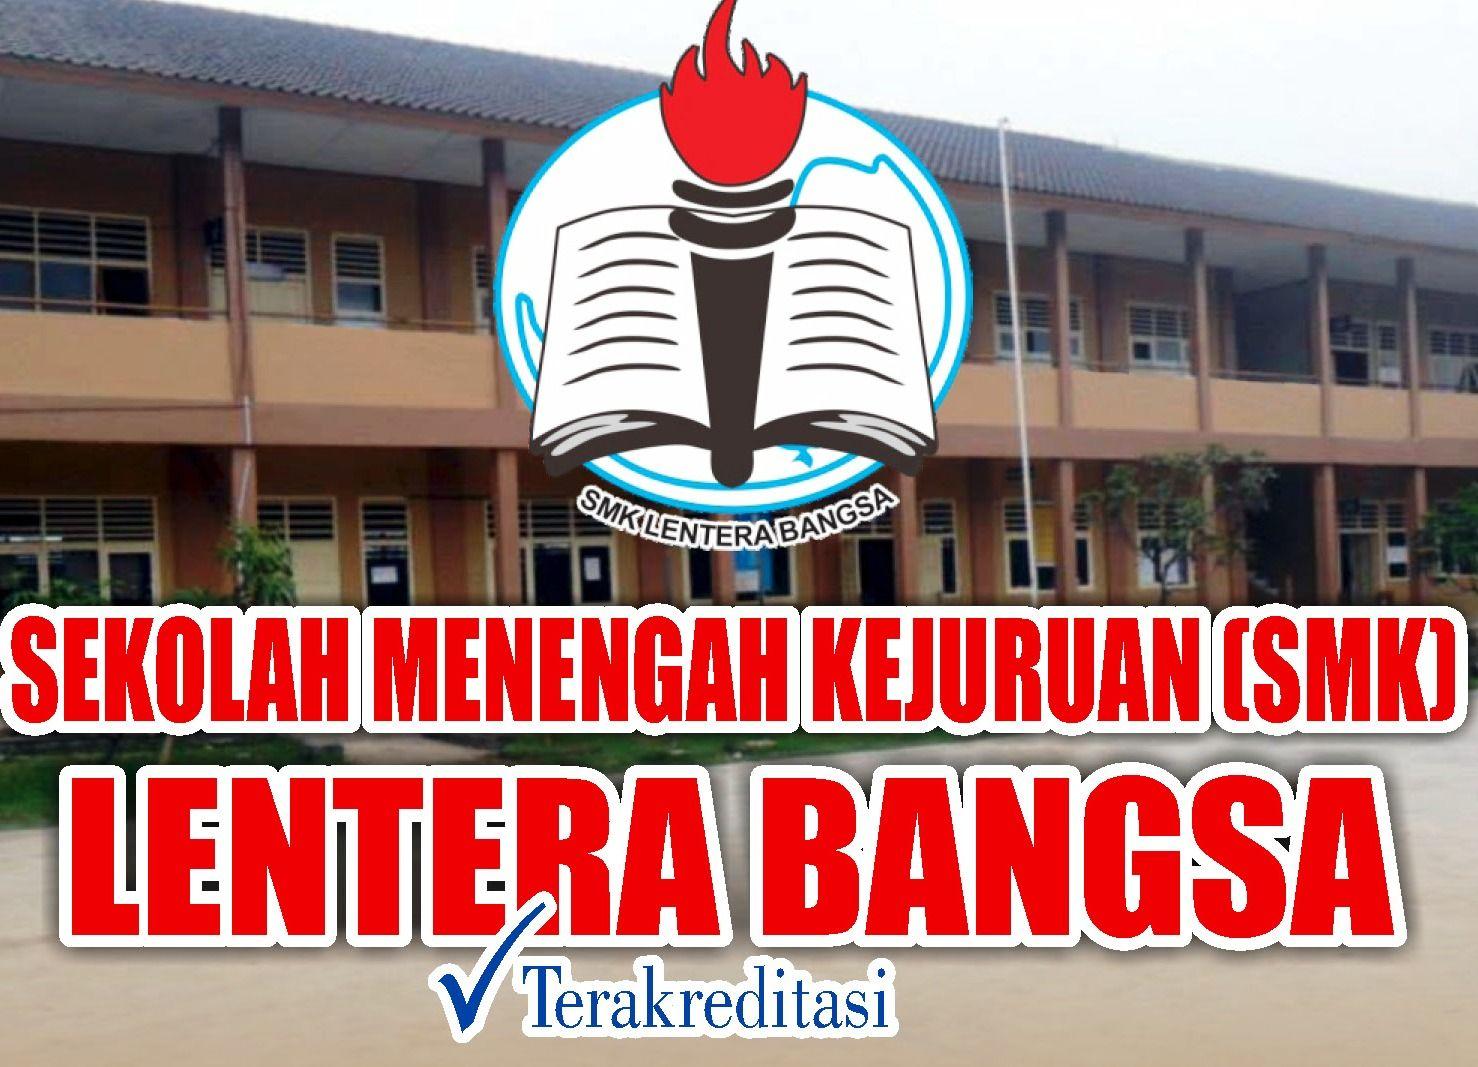 SMK Lentera Bangsa 2016 Pendidikan, Sekolah menengah